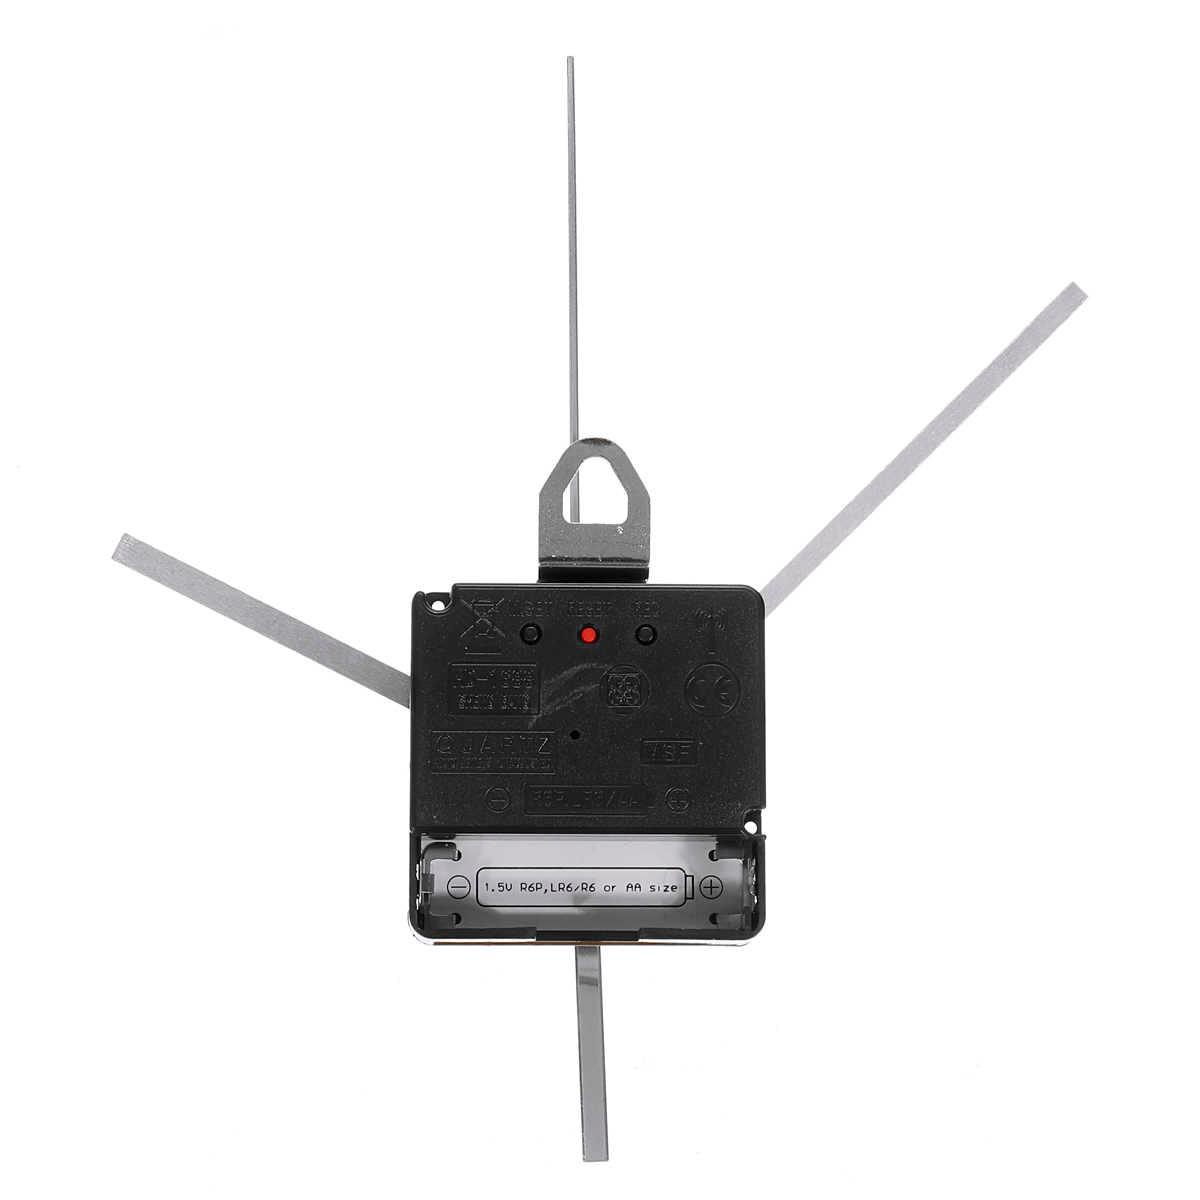 英国 MSF 時間原子電波サイレント時計ムーブメント DIY キット交換